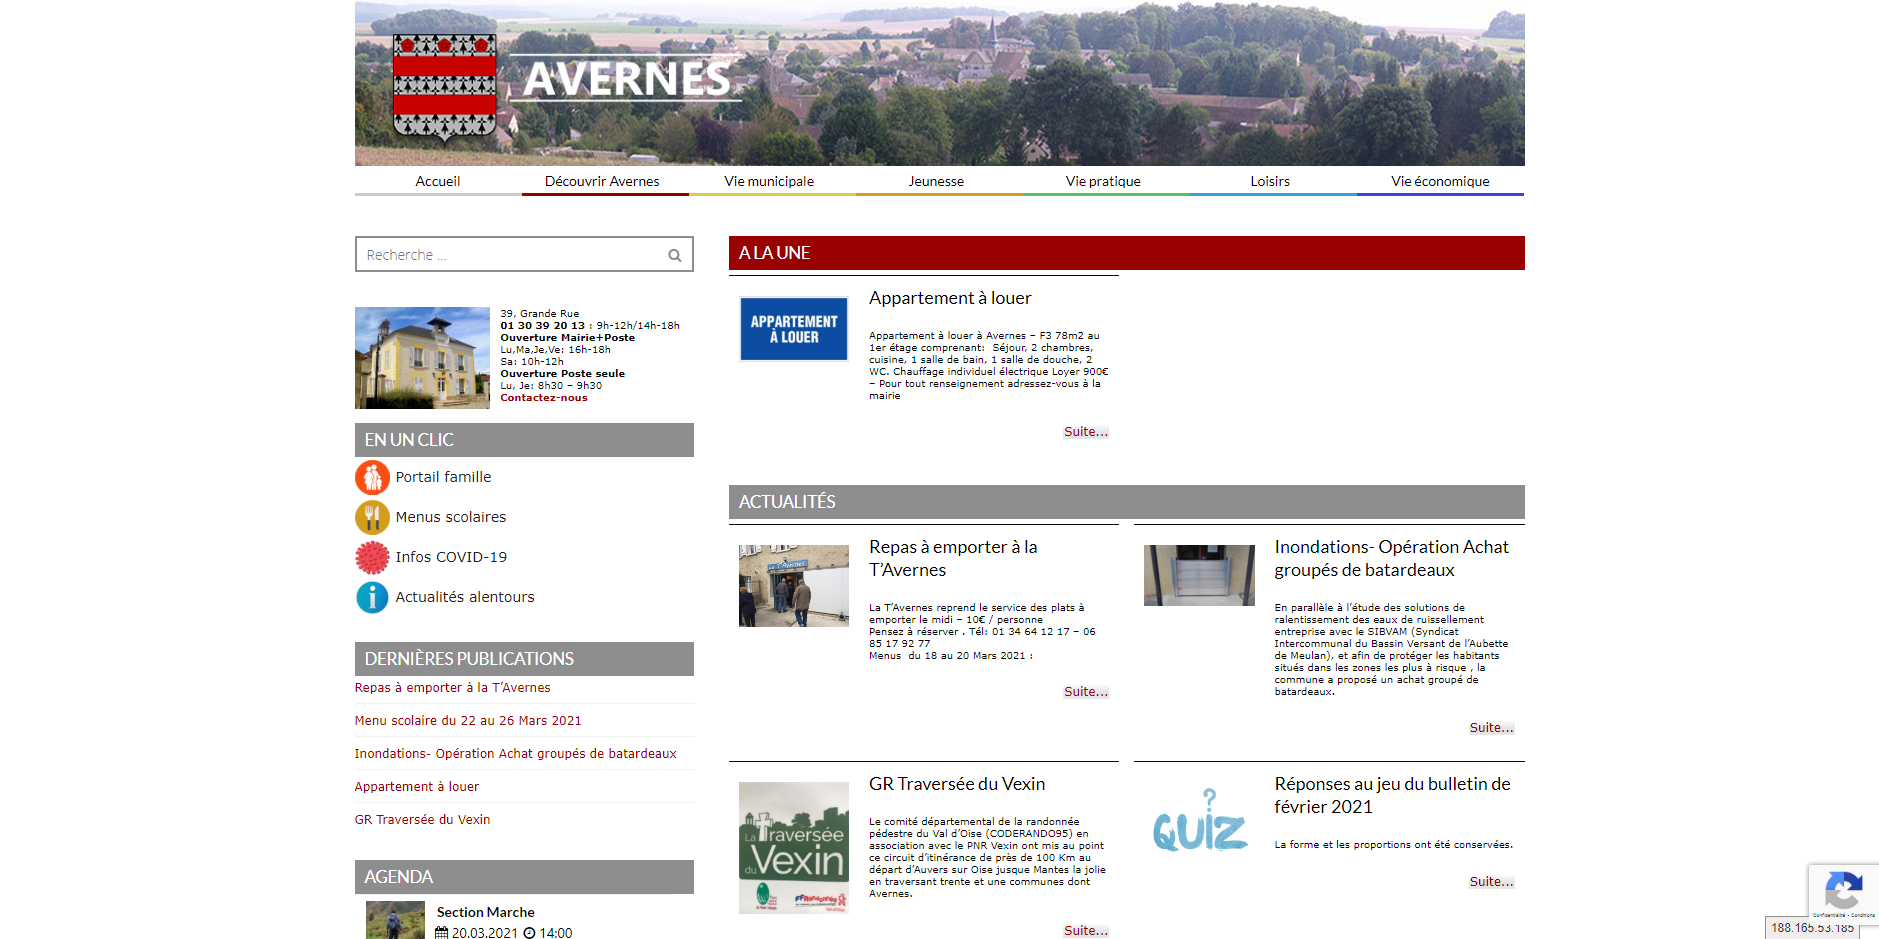 site de Avernes